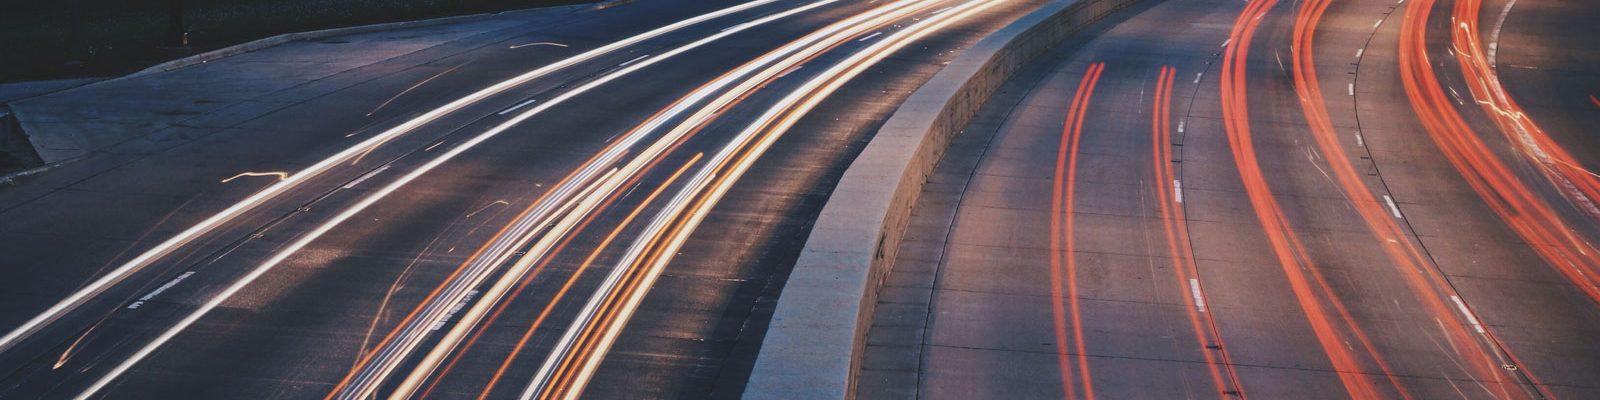 Autopista nocturna